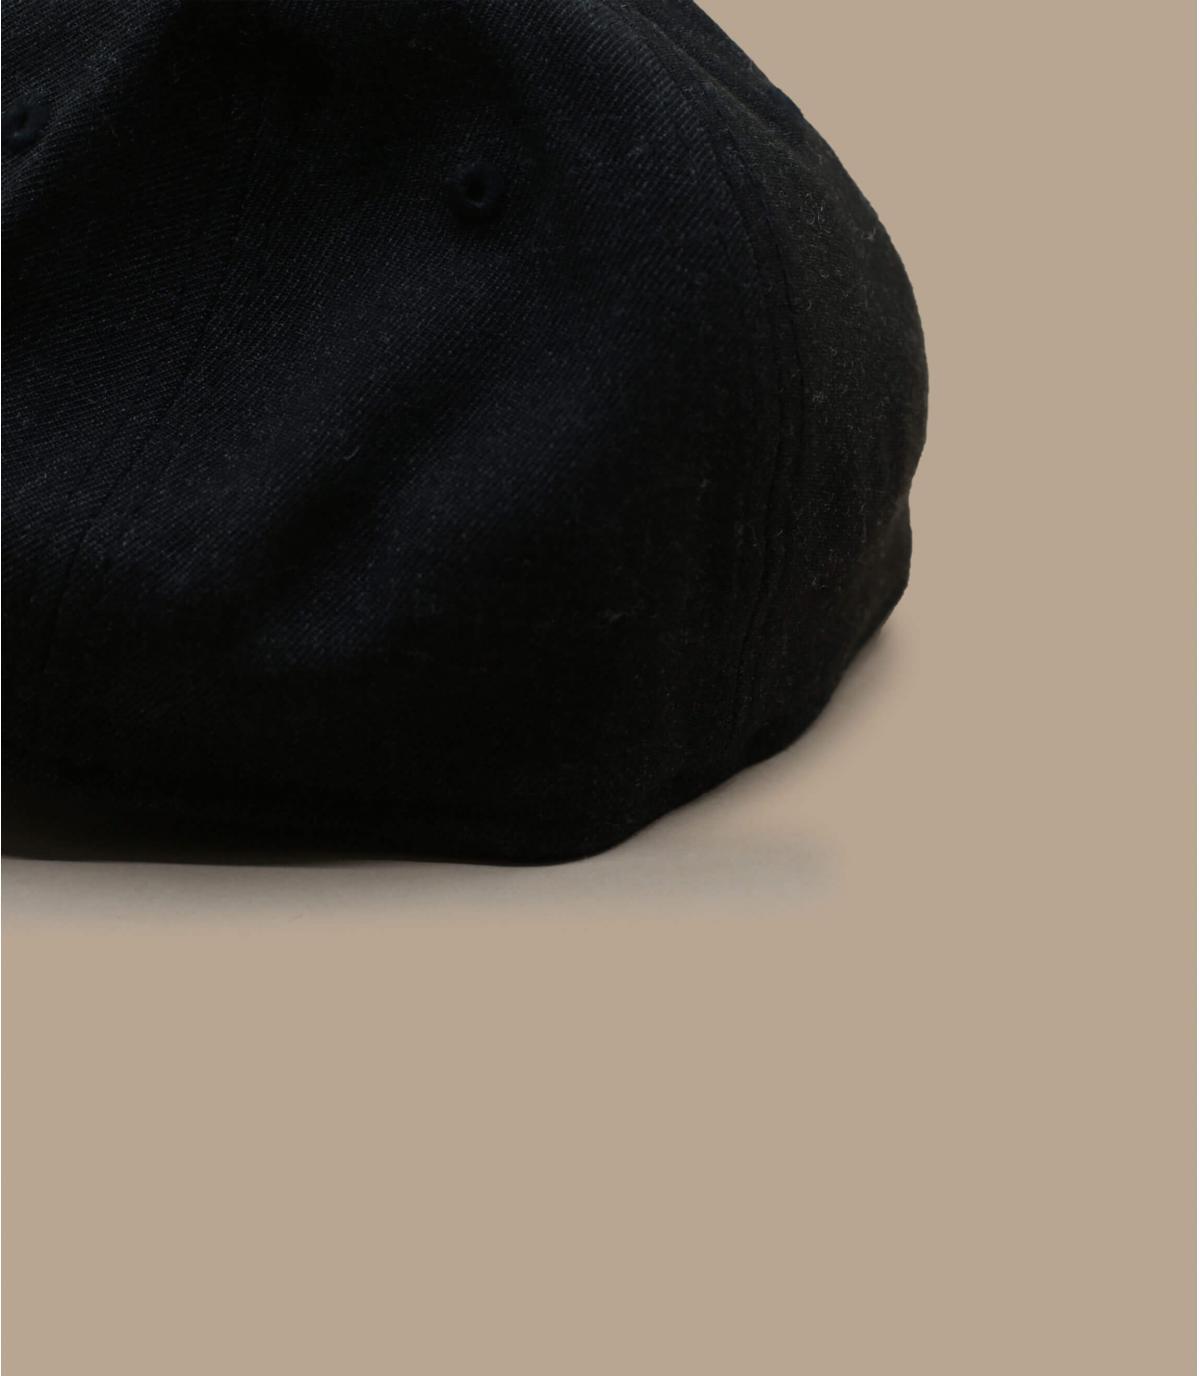 Details Snapback MLB melton 9Fifty NY black - Abbildung 4